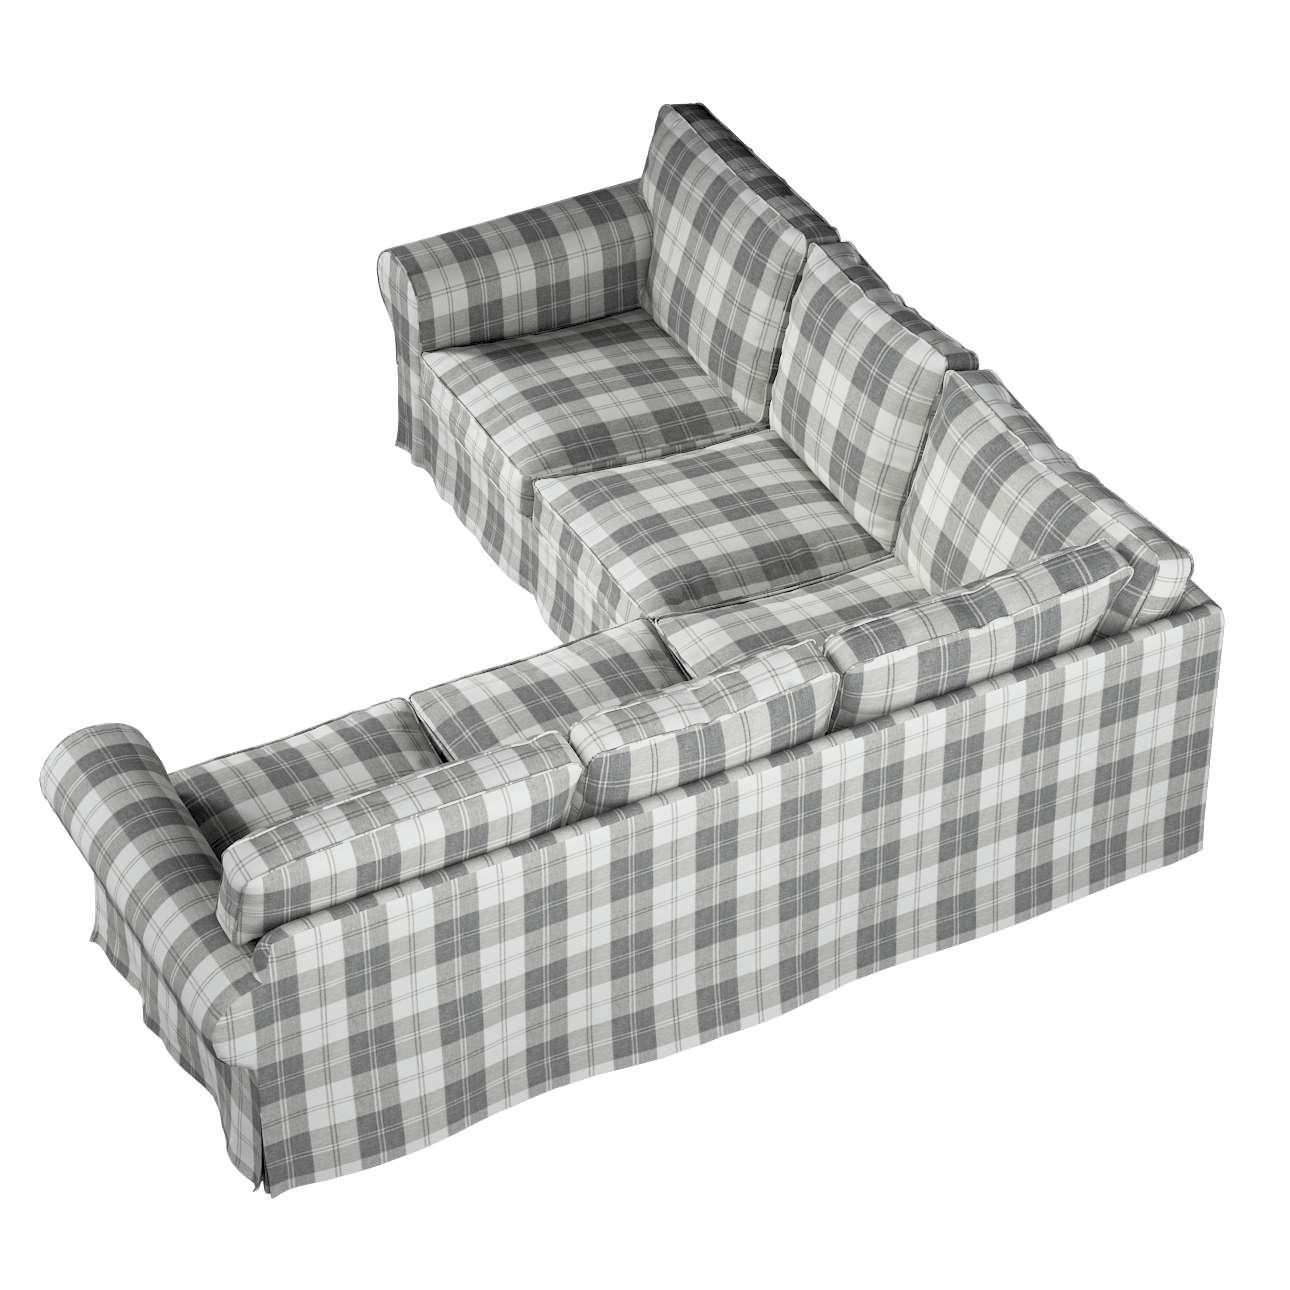 Pokrowiec Ektorp na sofę narożną w kolekcji Edinburgh, tkanina: 115-79